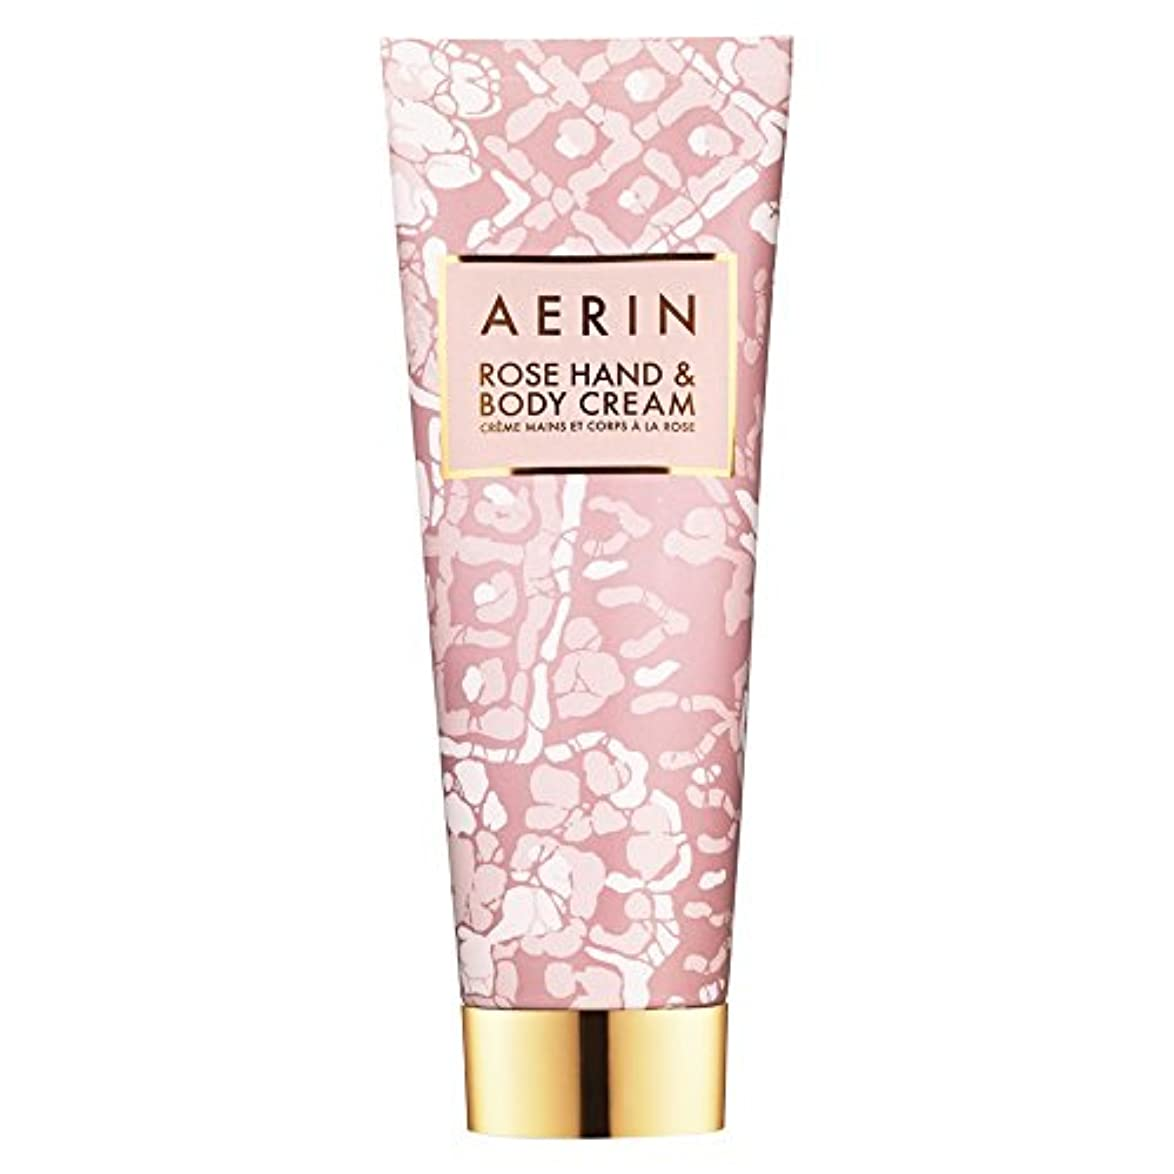 ランダム黒板文言Aerinはハンド&ボディクリーム125ミリリットルをバラ (AERIN) (x2) - AERIN Rose Hand & Body Cream 125ml (Pack of 2) [並行輸入品]